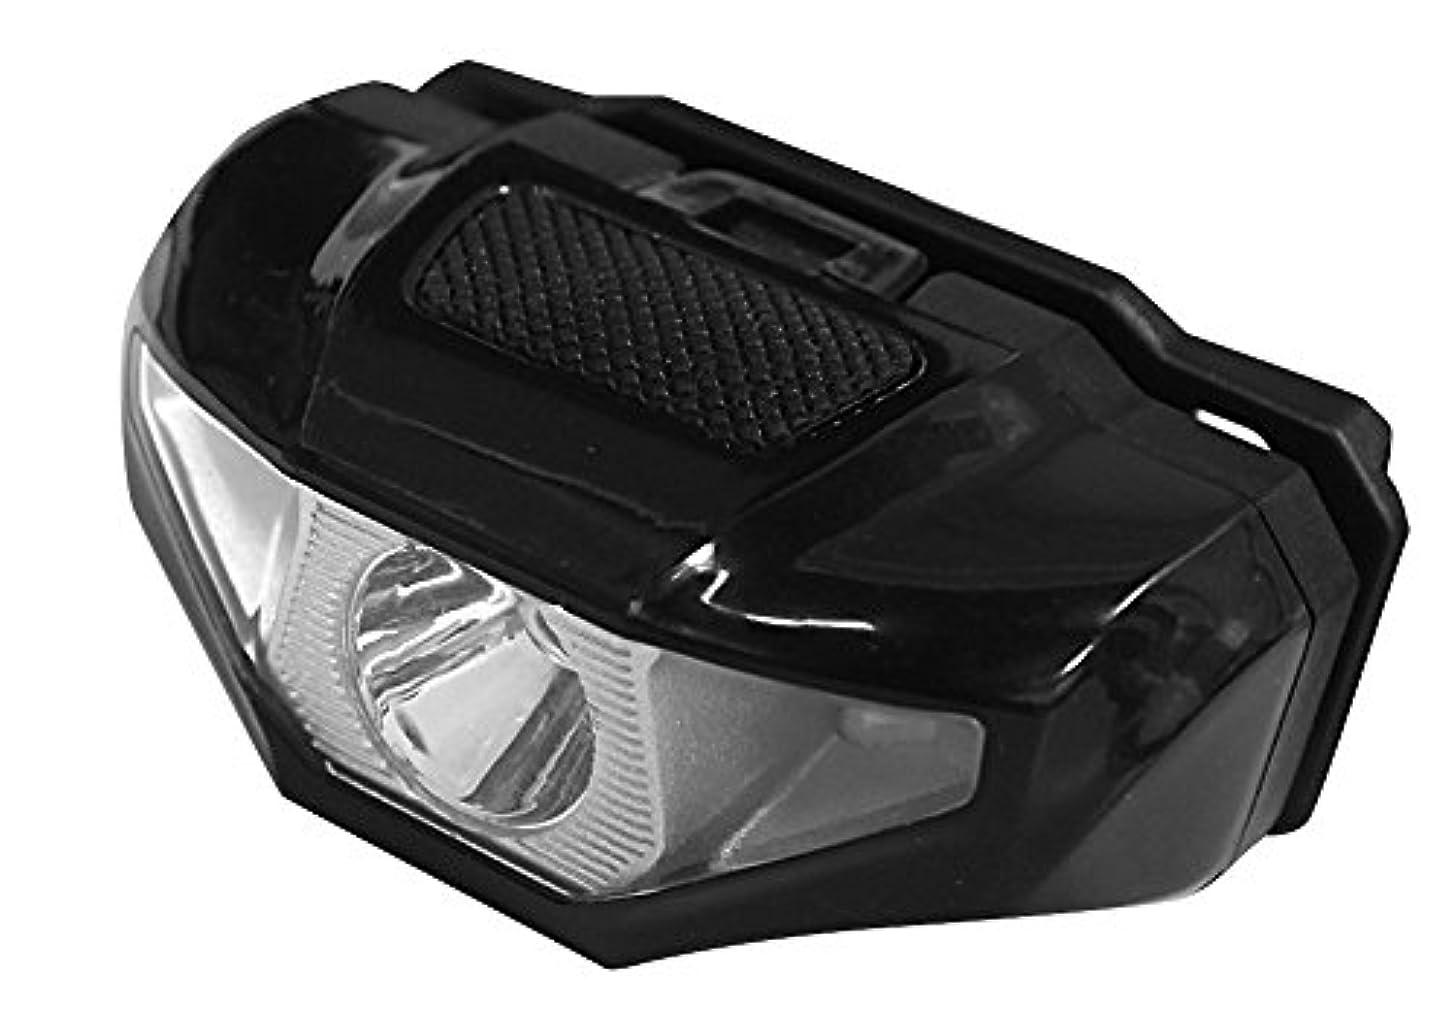 ベーシック打ち負かすヒギンズベルーフ (Beruf) ライト LEDワイドヘッドライト 100ルーメン 電池式 BHL-L01D 87660